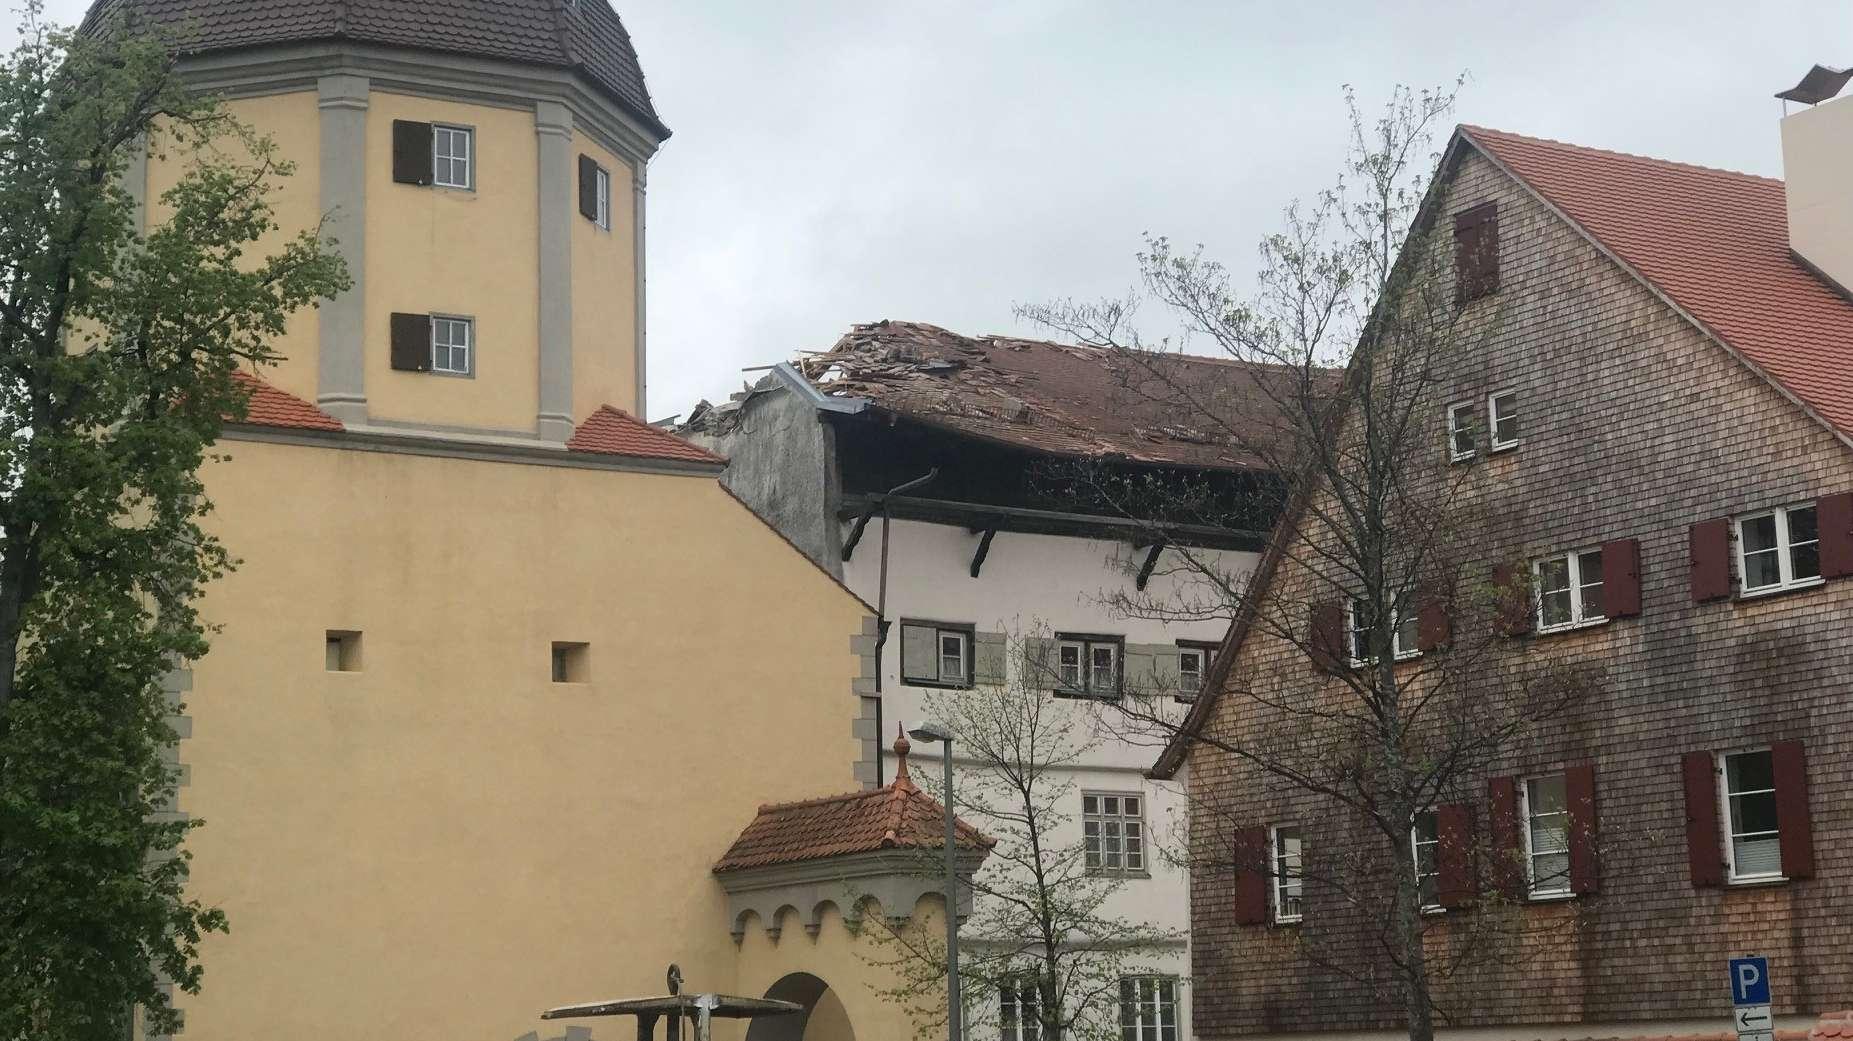 Historisches Färberhaus mit beschädigtem Dachstuhl